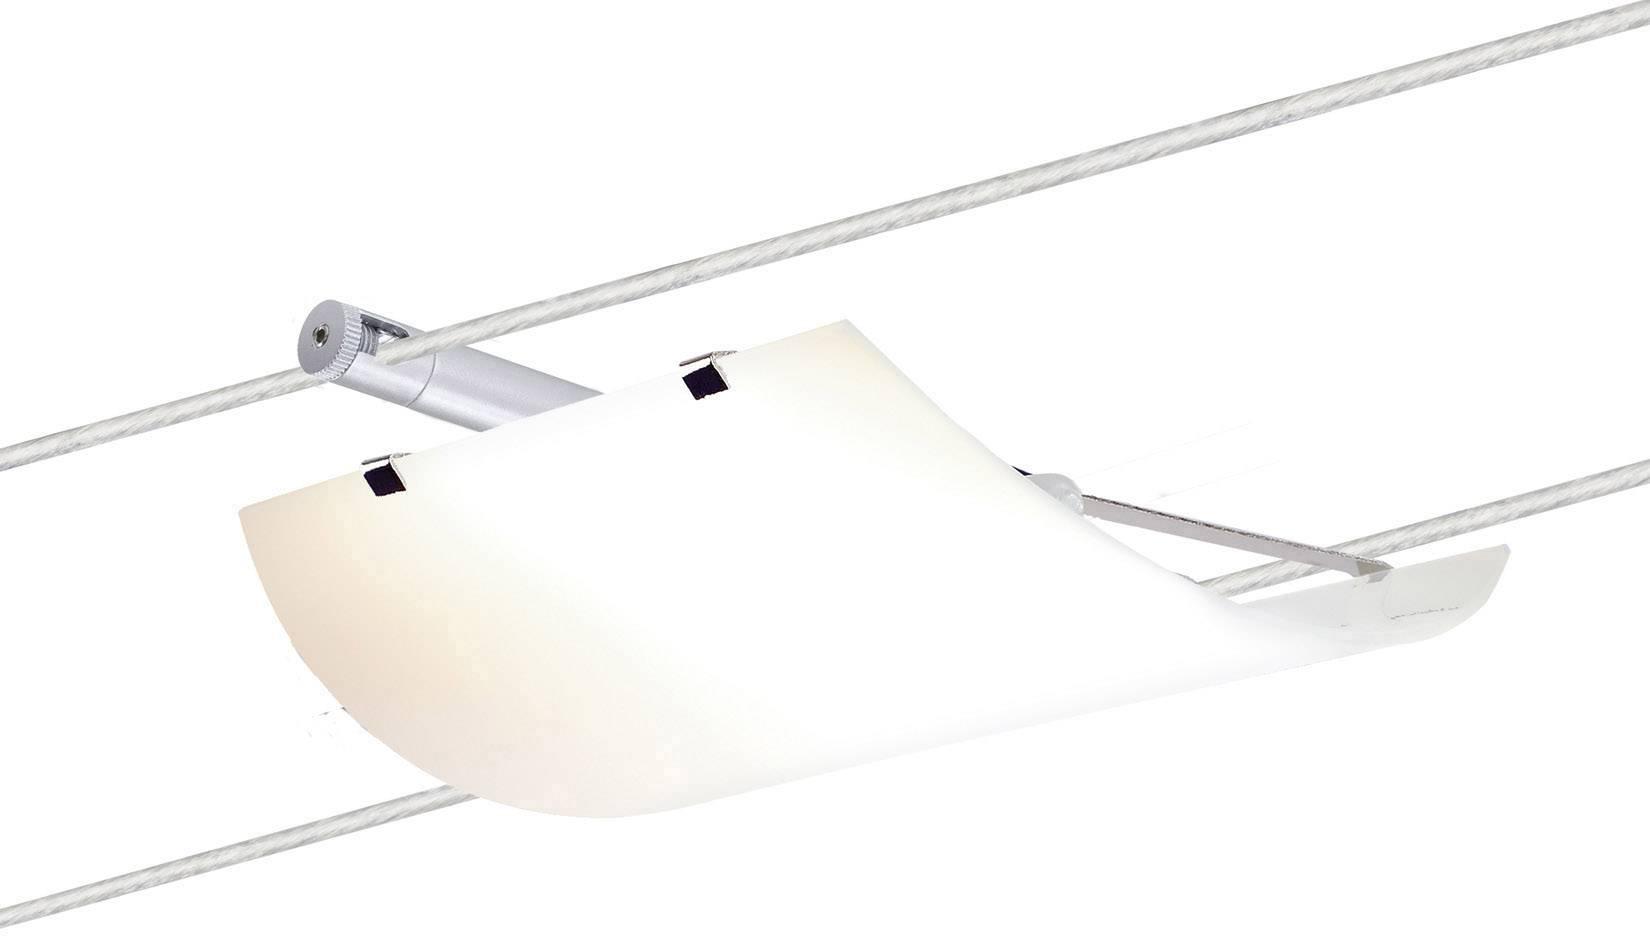 paulmann 12v kabelsysteem lamp universeel g4 20 w led chroom mat satijn